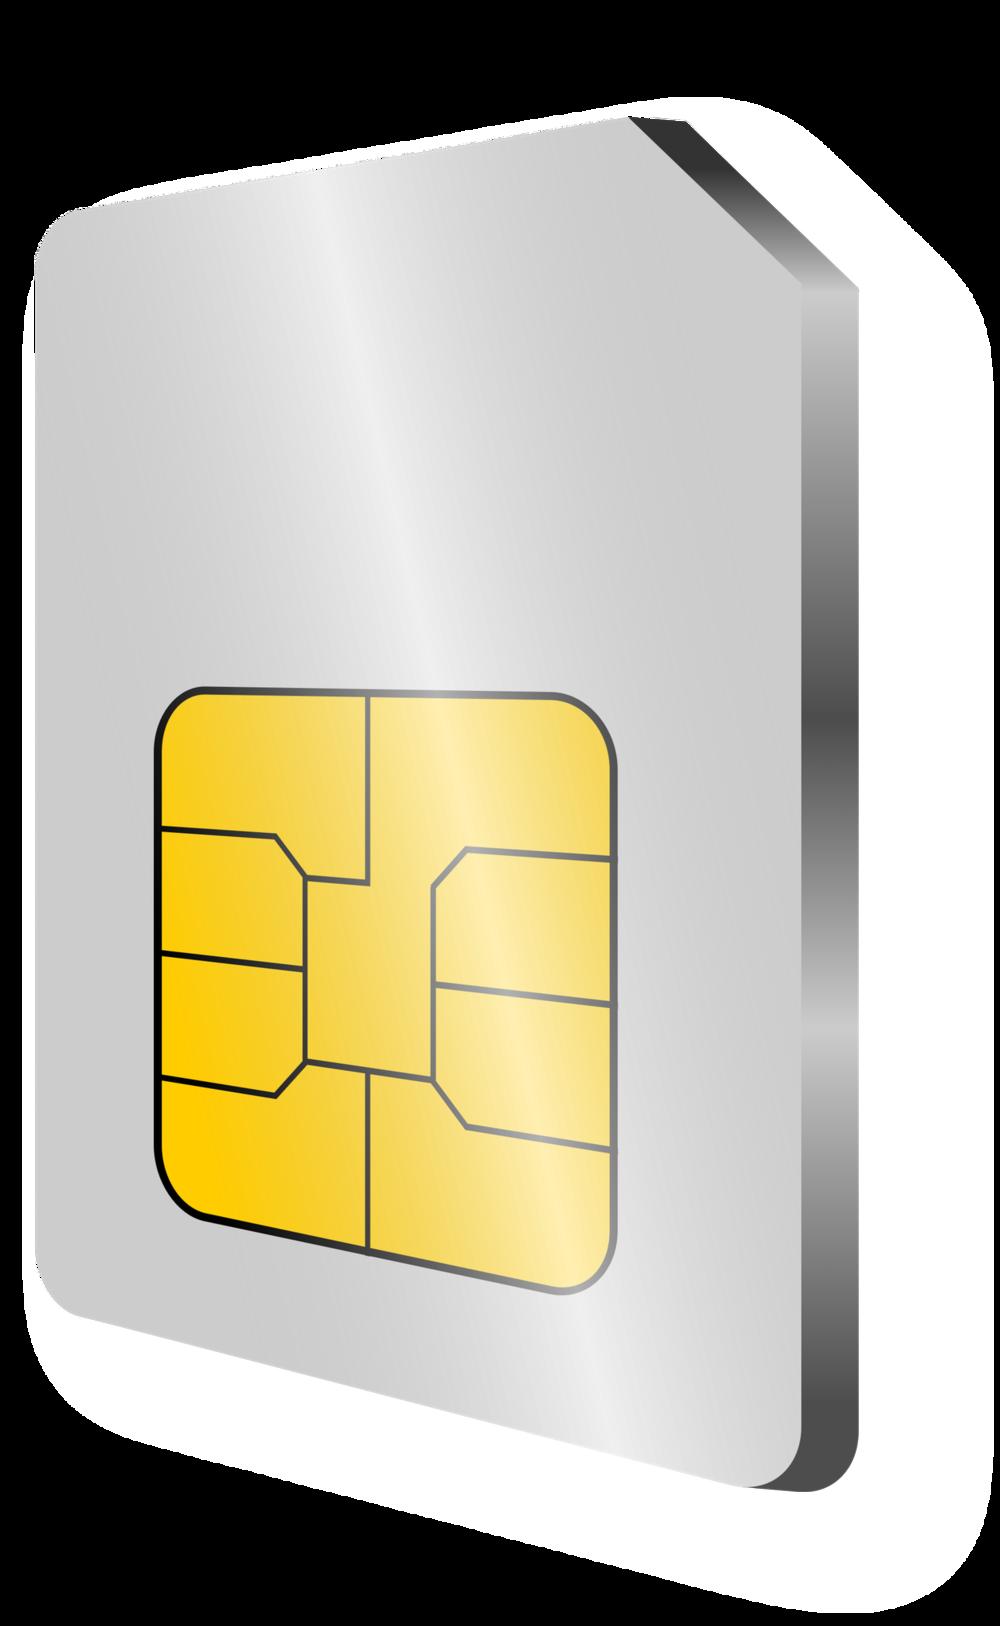 sim card 3.png